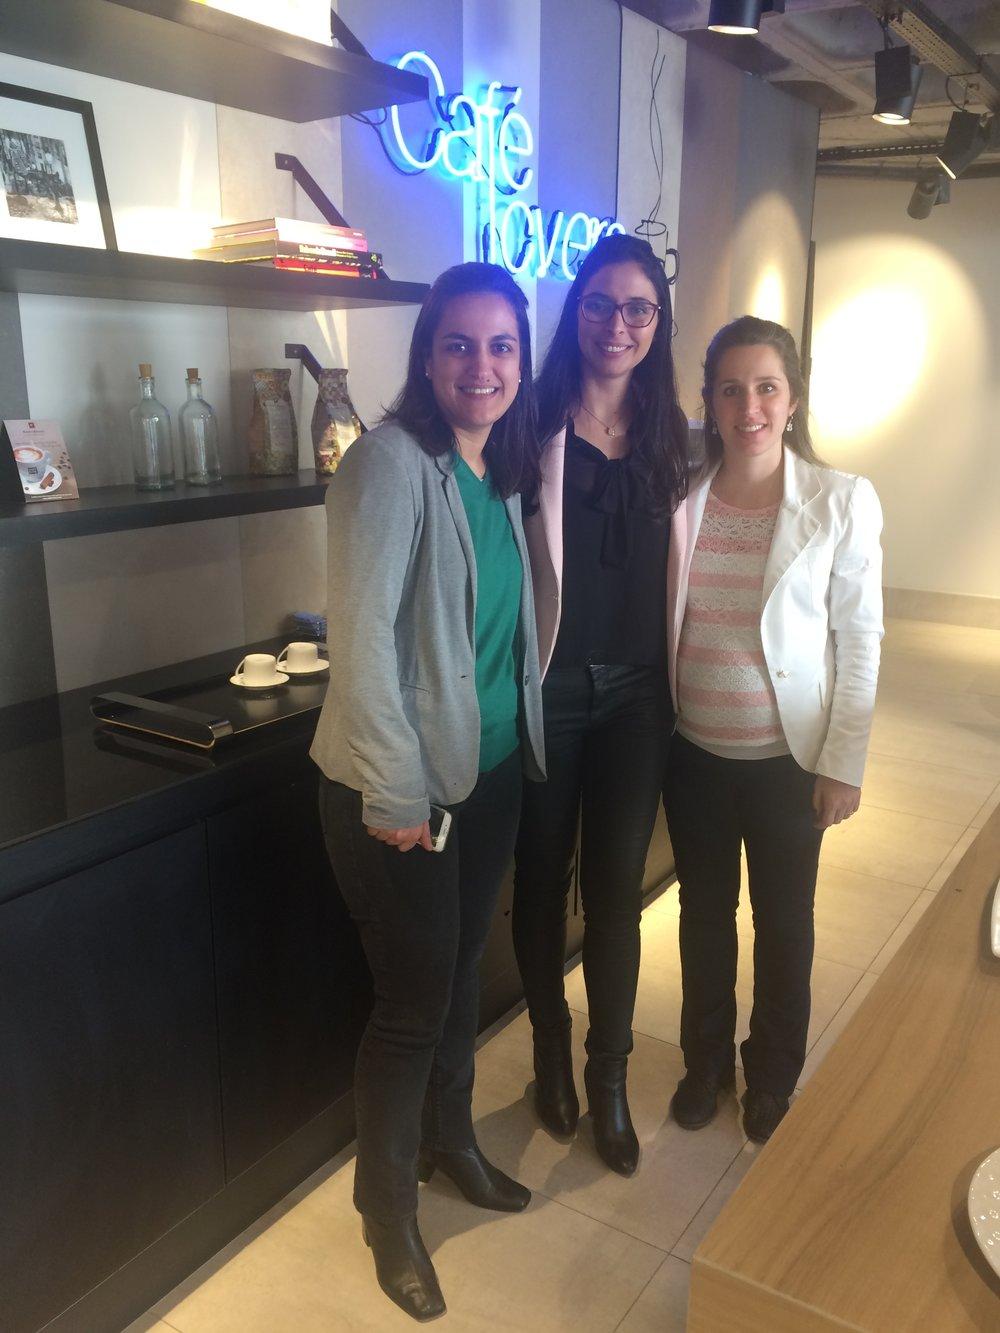 Foto 04: As arquitetas Fatima (esquerda) e Thaís (direita) assistiram a palestra da Luana (centro) na Portobello Shop Vila Olímpia  Fonte: Madi Arquitetura & Design